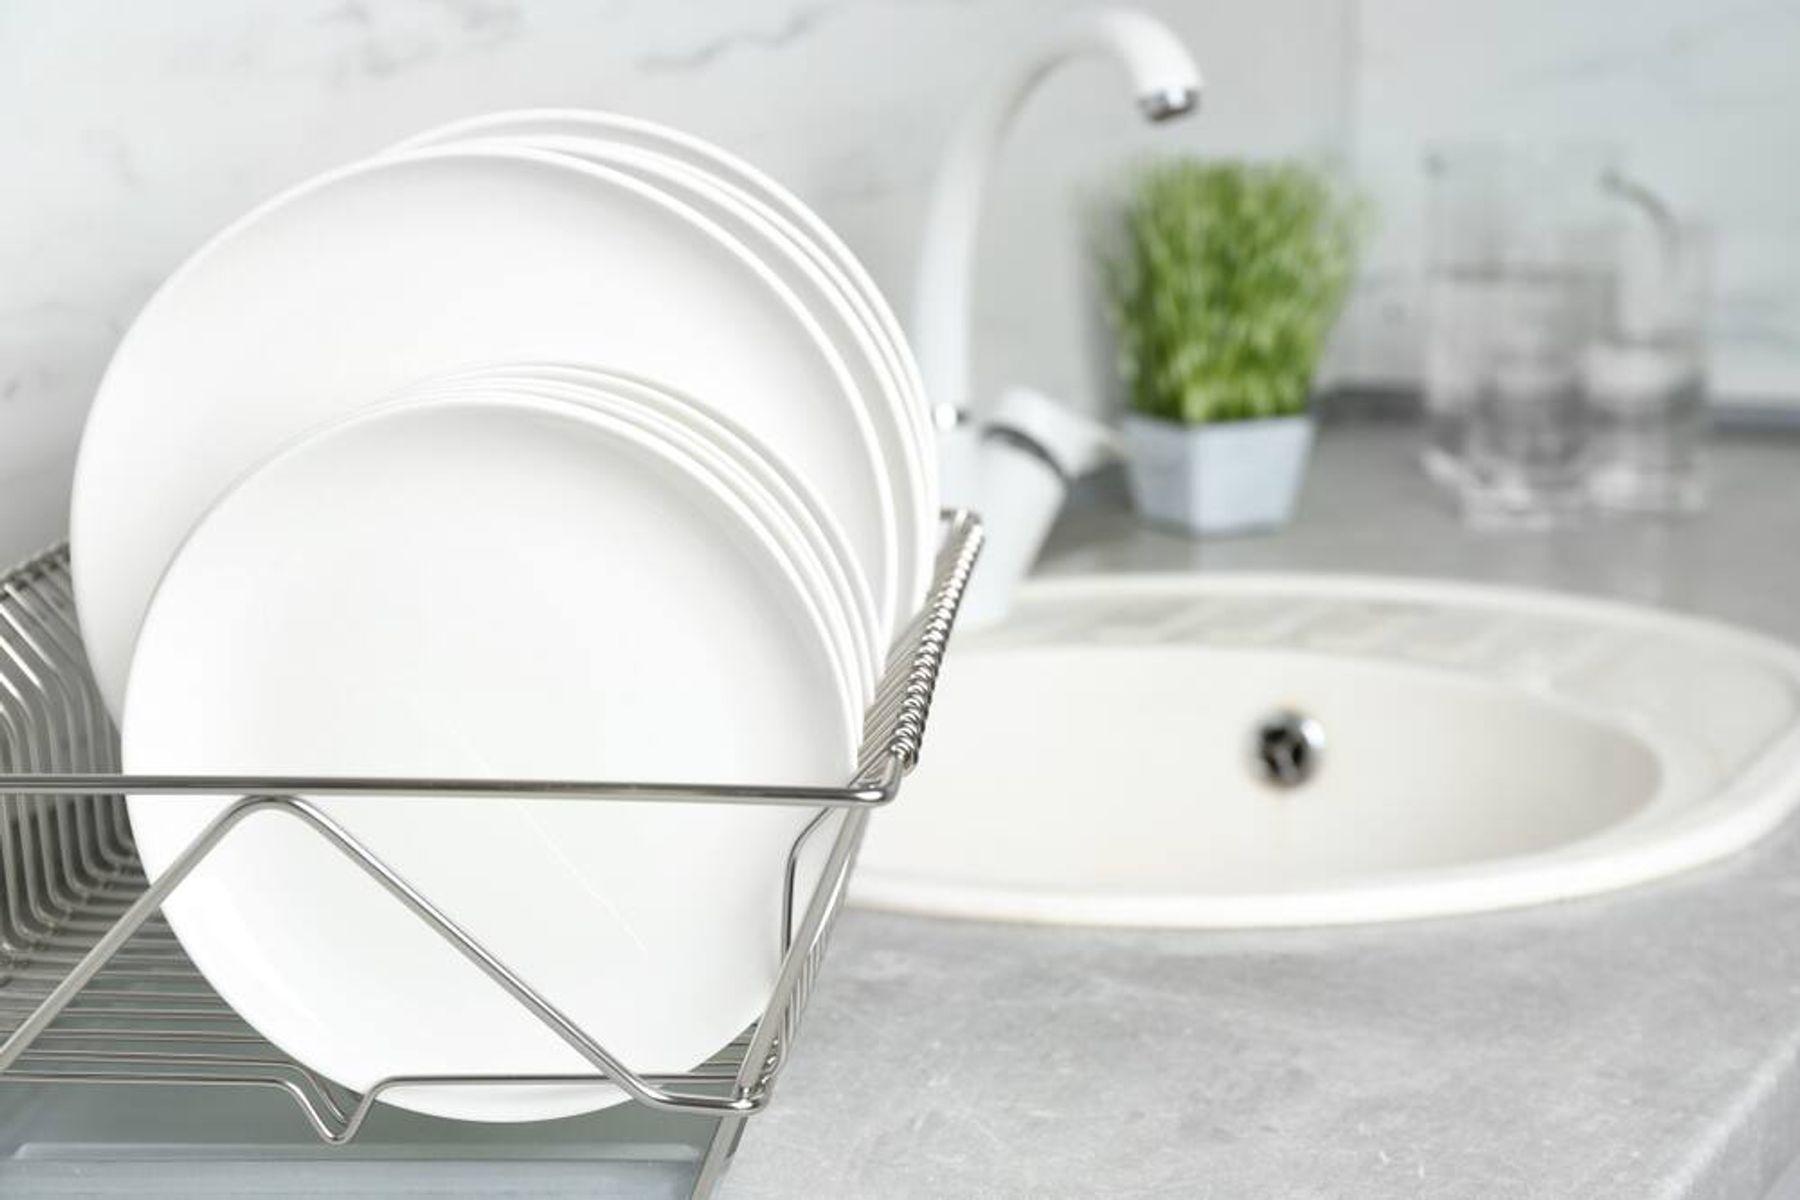 Bảng giá sản phẩm nước rửa chén sunlight chanh